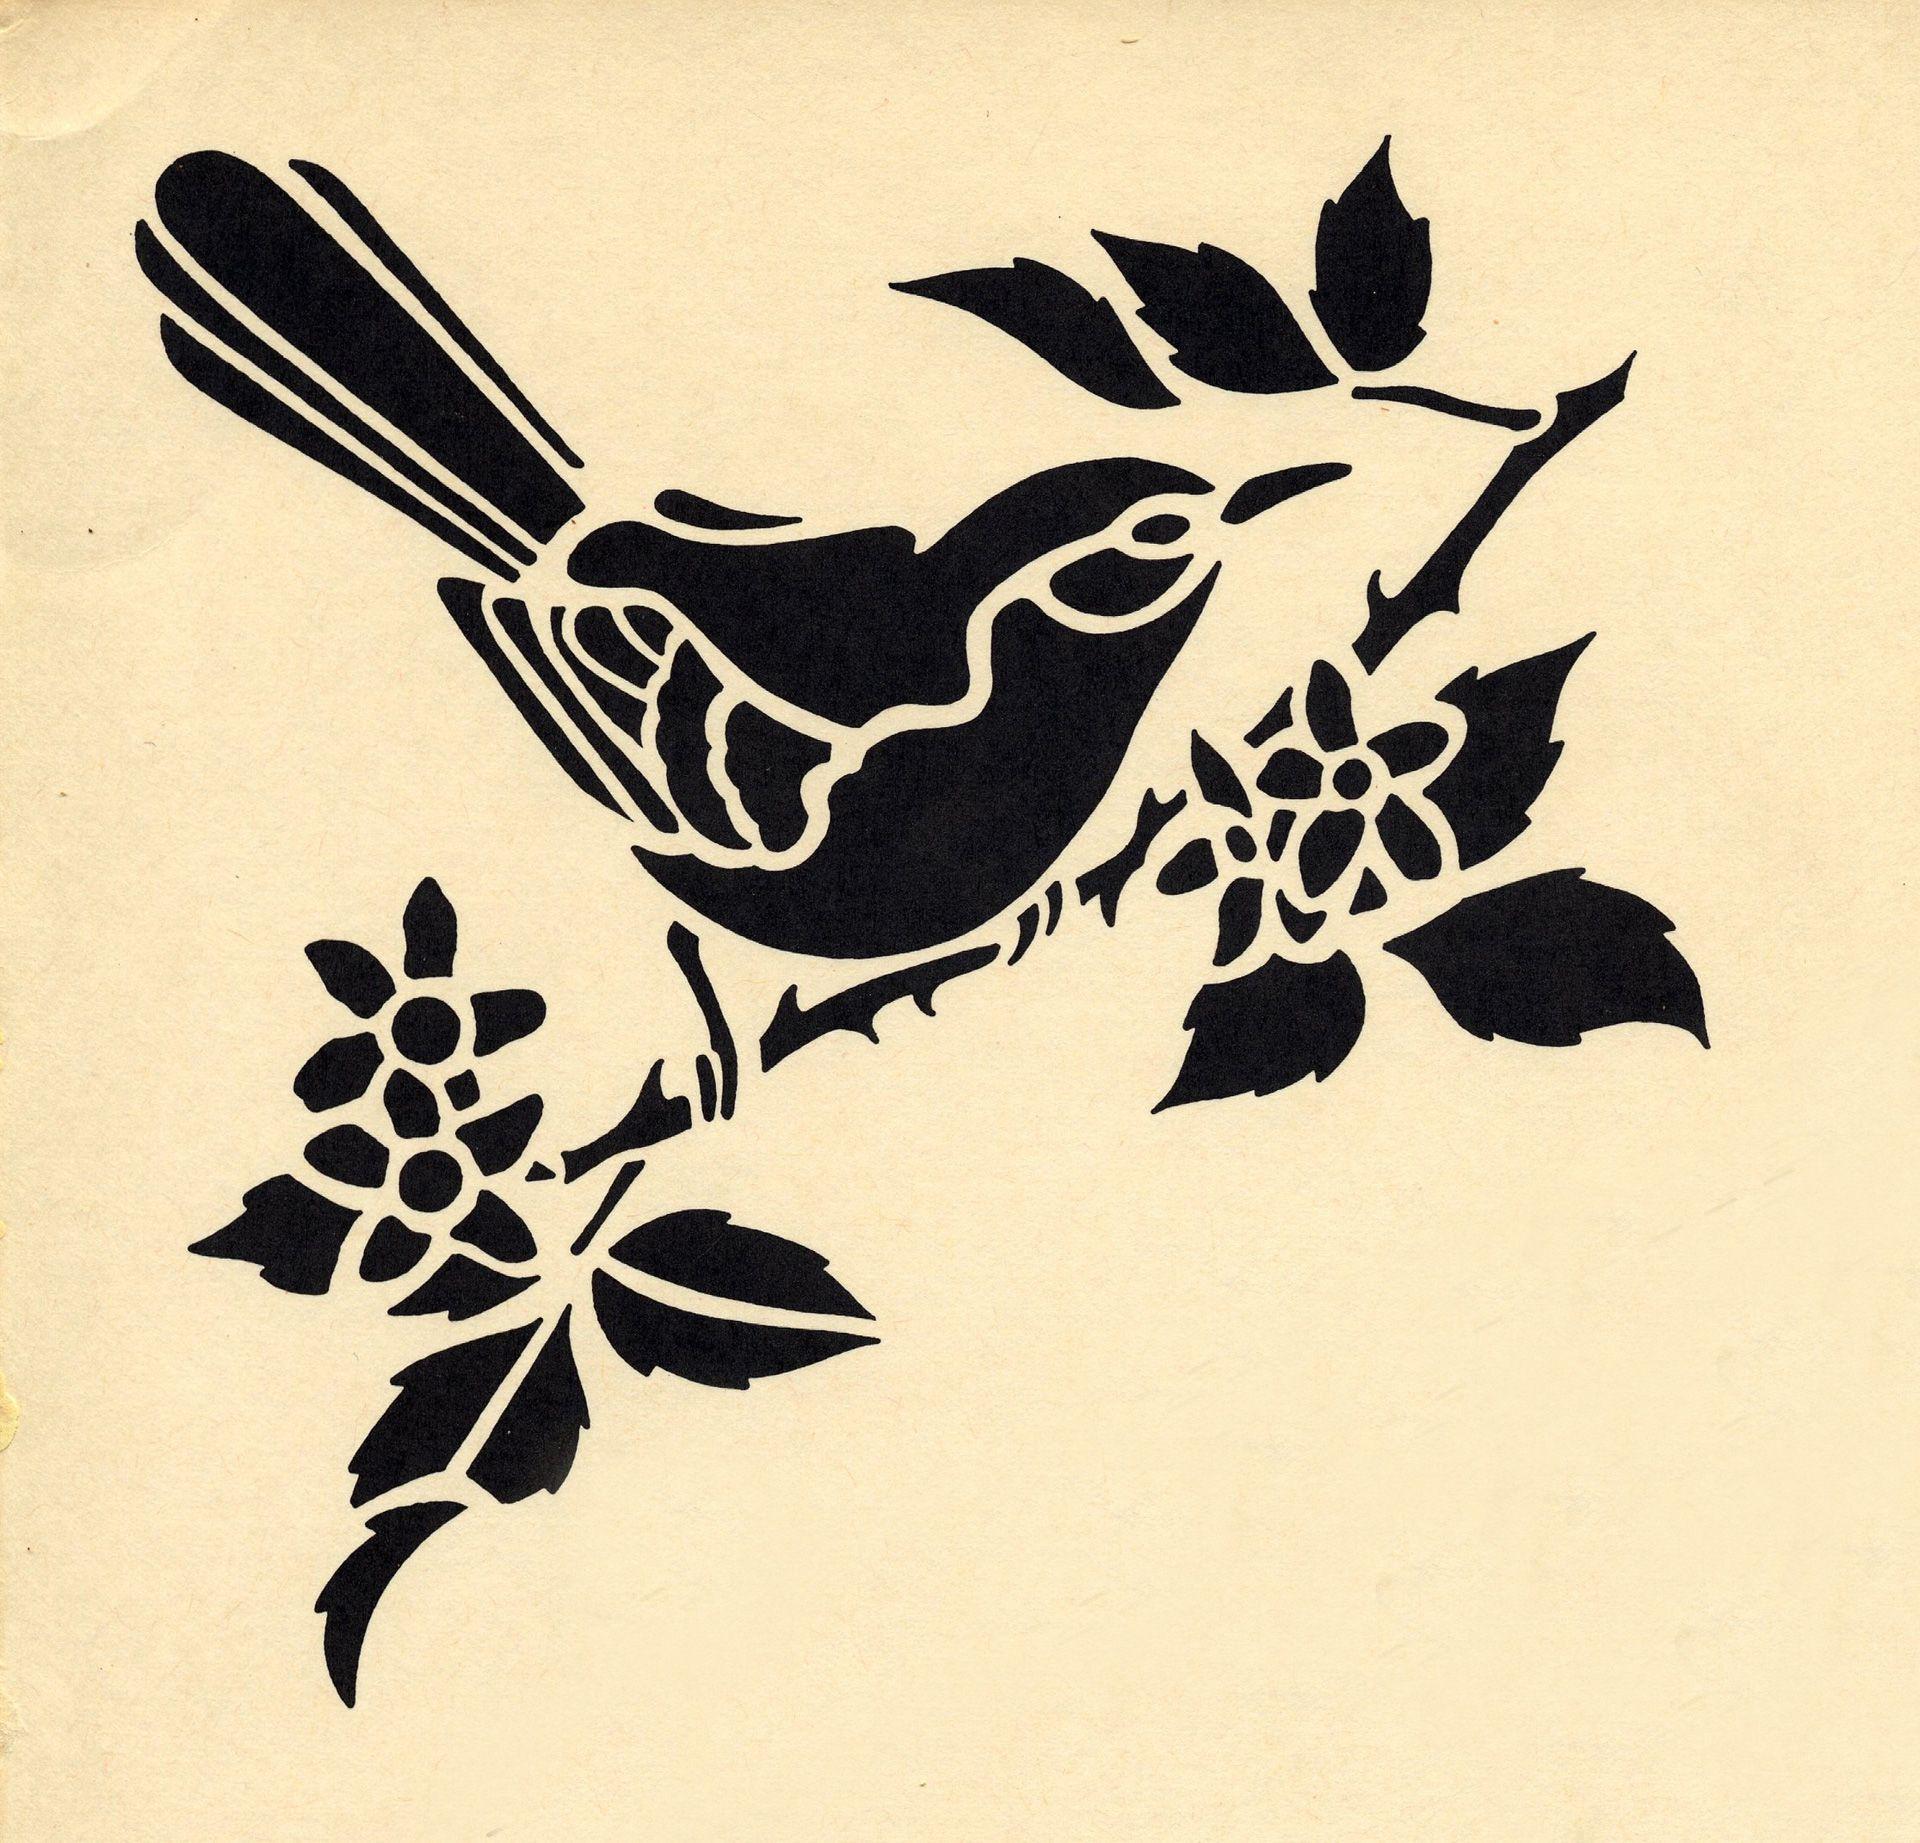 Galerie des pochoirs oiseaux - Loisirs Creatifs de F1ADC | Pochoir oiseau, Pochoir, Art du pochoir